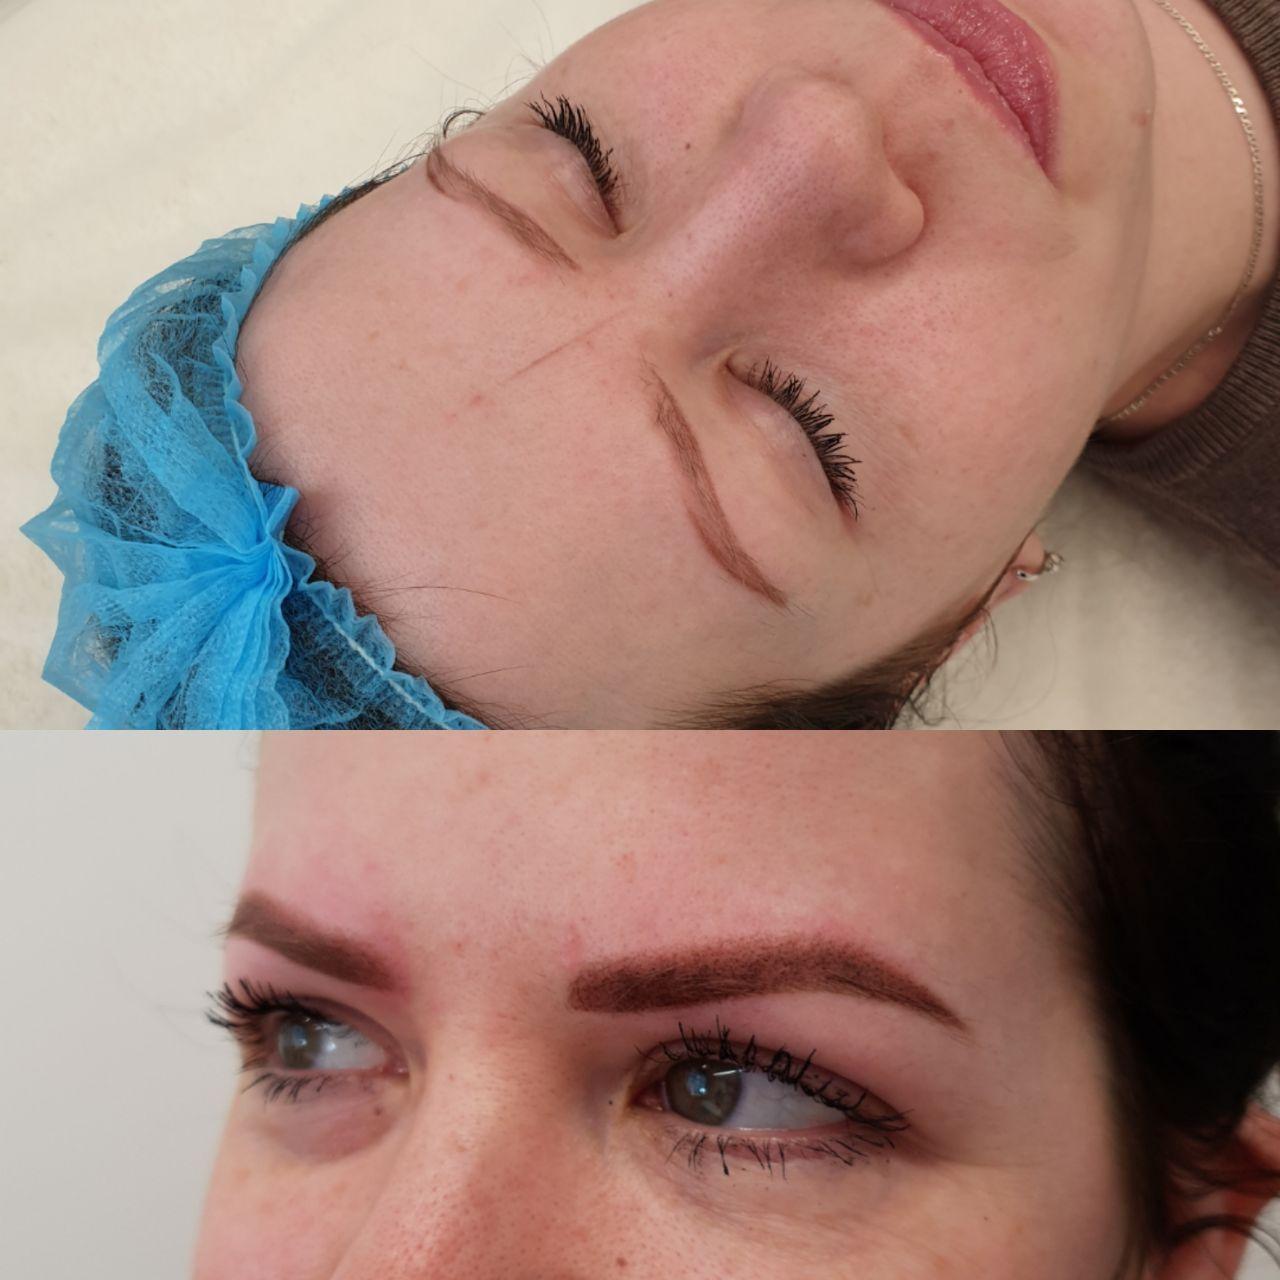 Фото до и после вагинопластики, кольпорафии